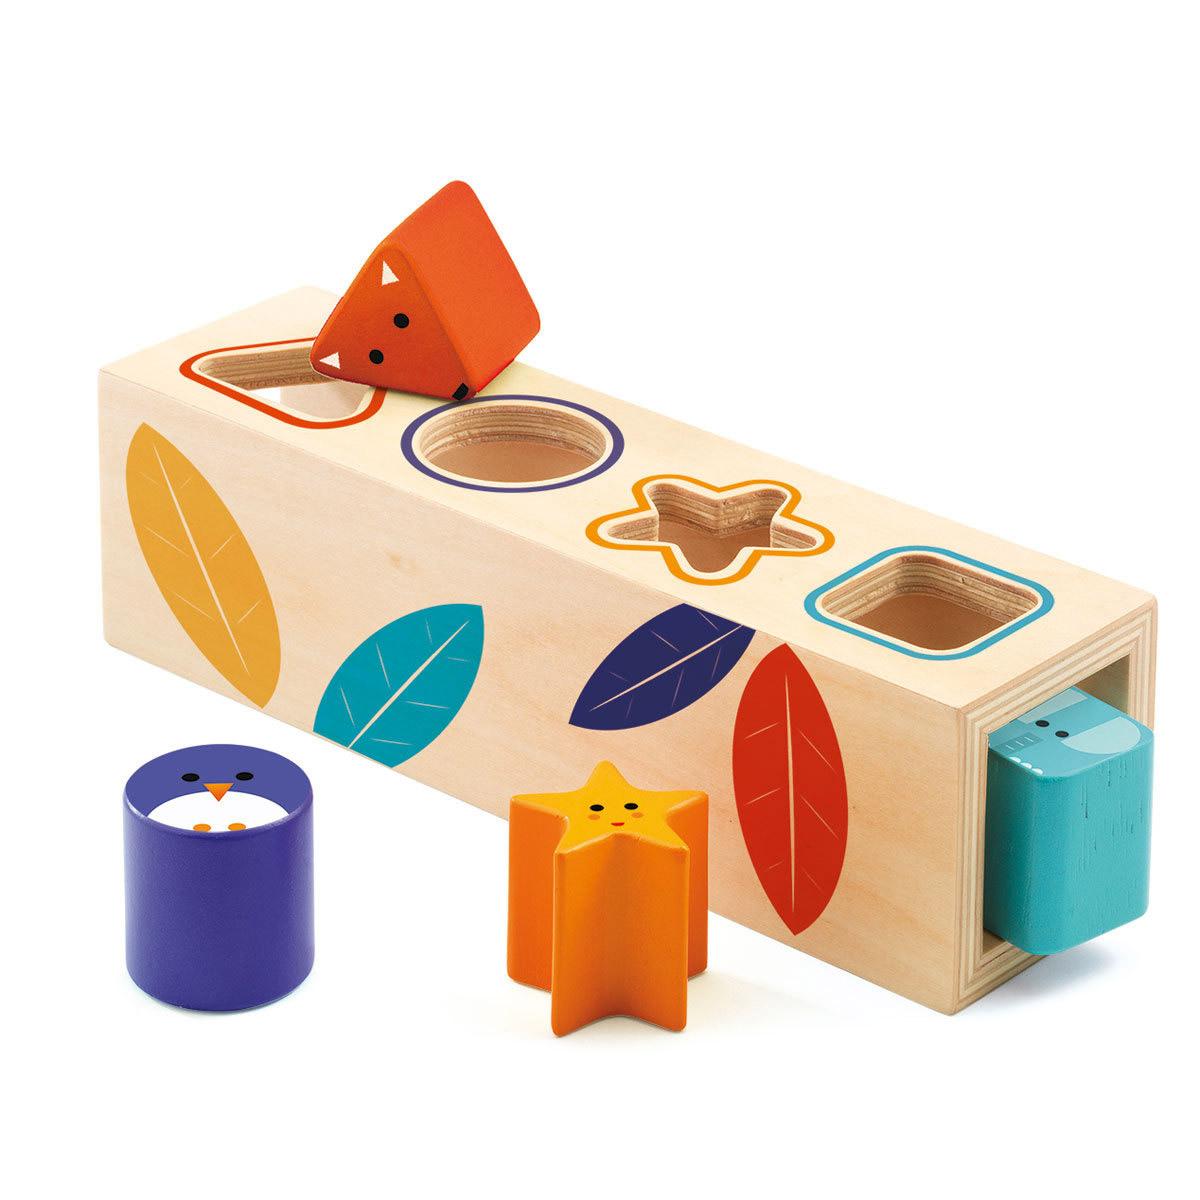 Mes premiers jouets BoitaBasic Boite à Formes BoitaBasic Boite à Formes